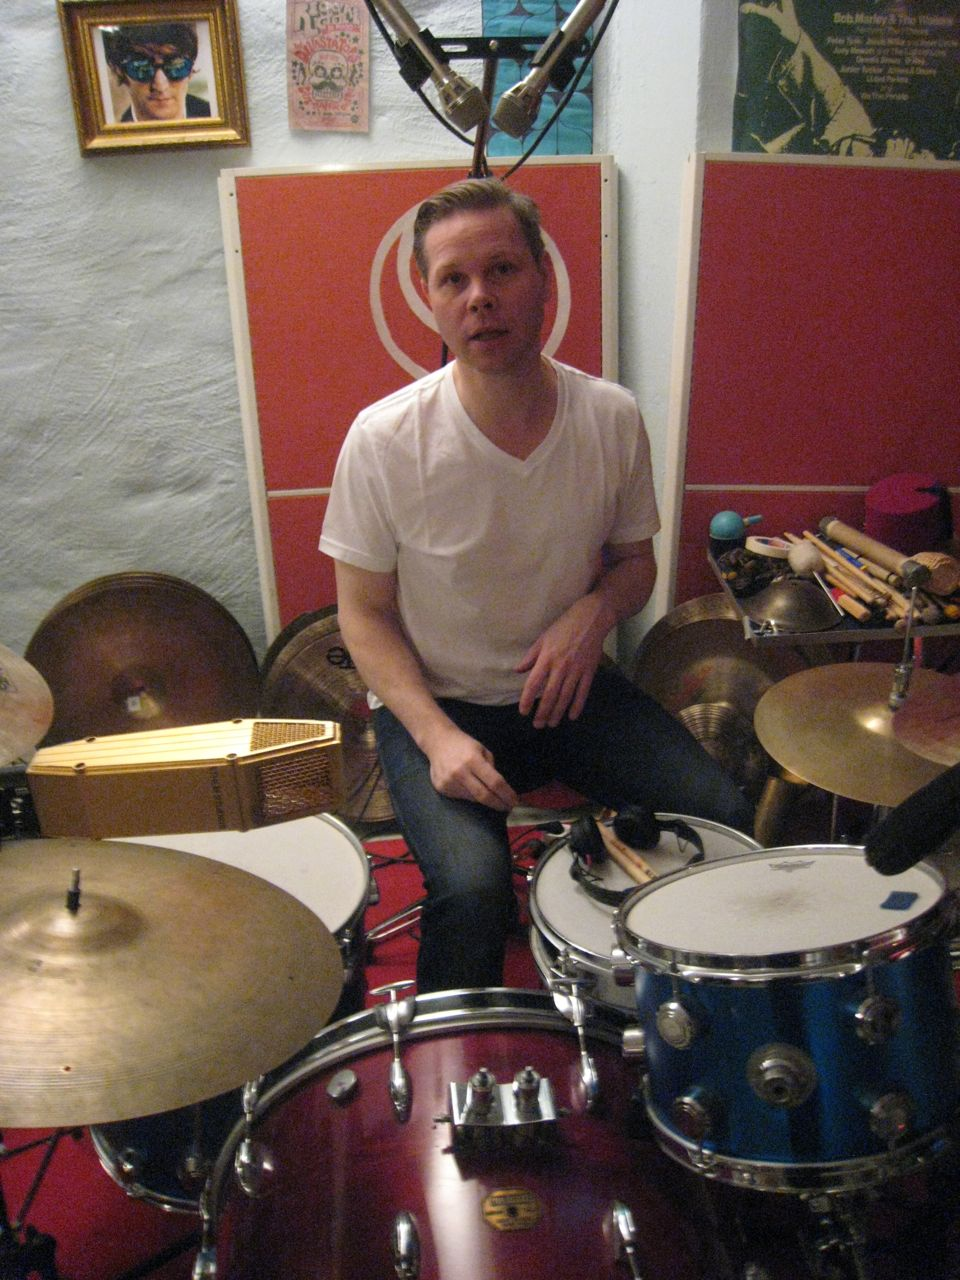 David Myhr April 2011 - David Myhr